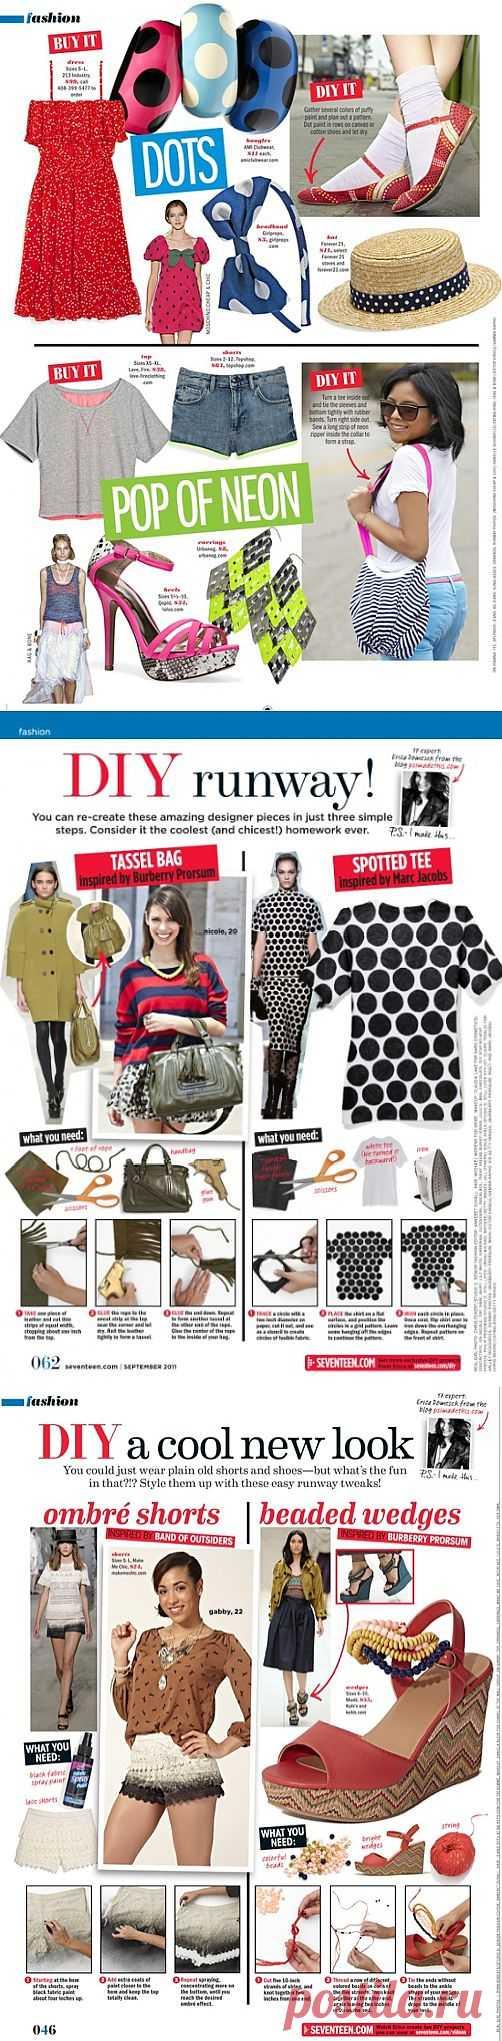 Diy идеи журнал Seventeen (селекция) / Обзор журналов / Модный сайт о стильной переделке одежды и интерьера